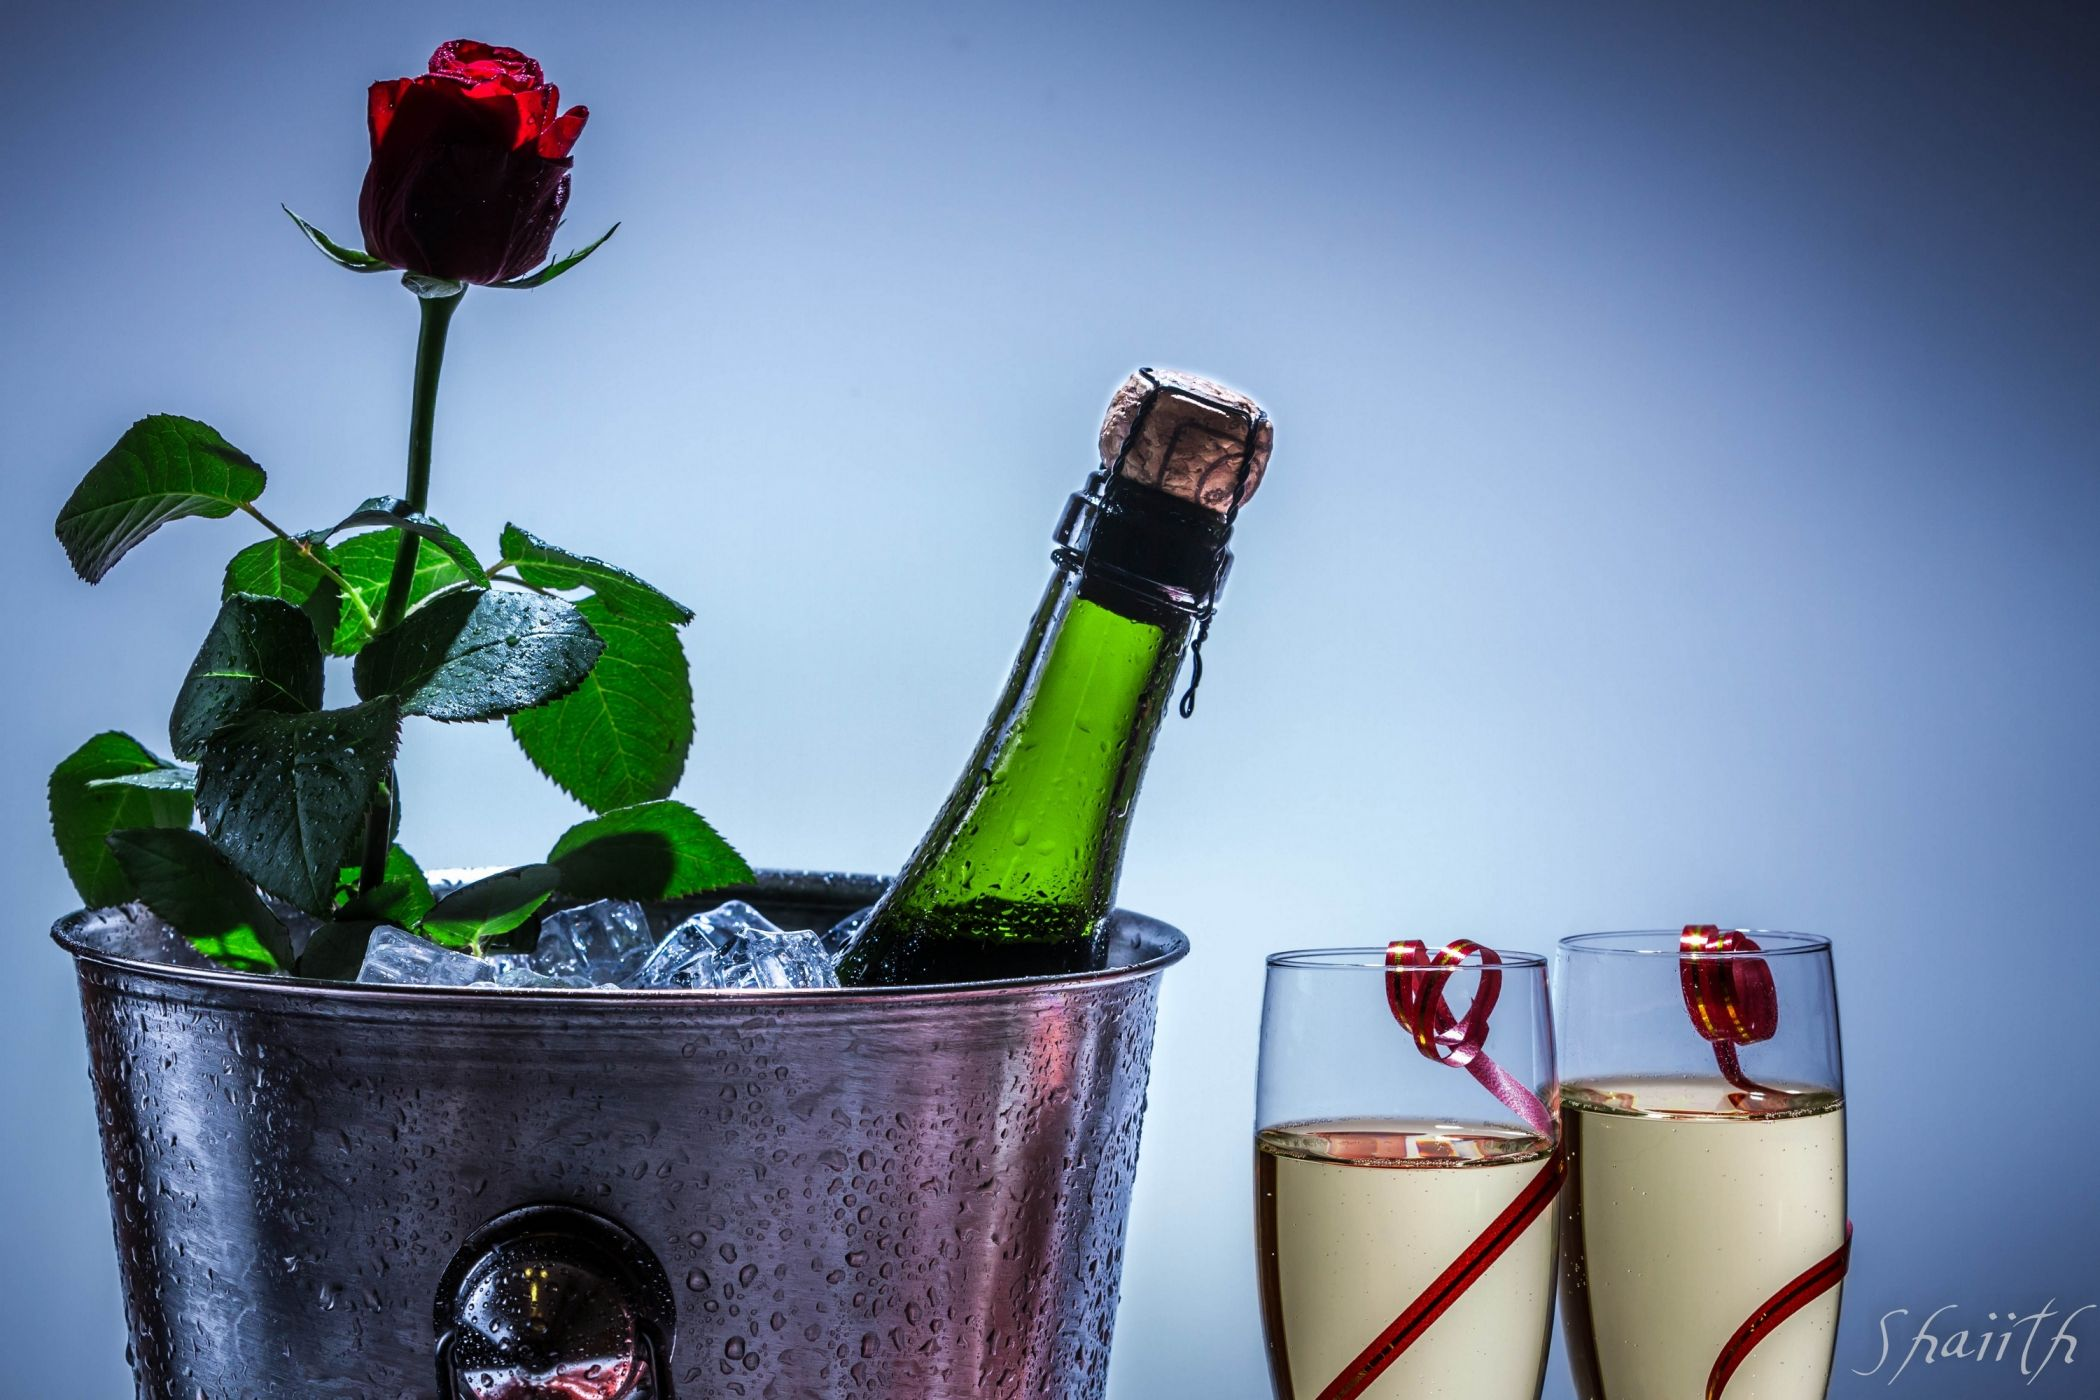 Лучшие картинки для женщины цветы шампанское, трехлетием картинка днем